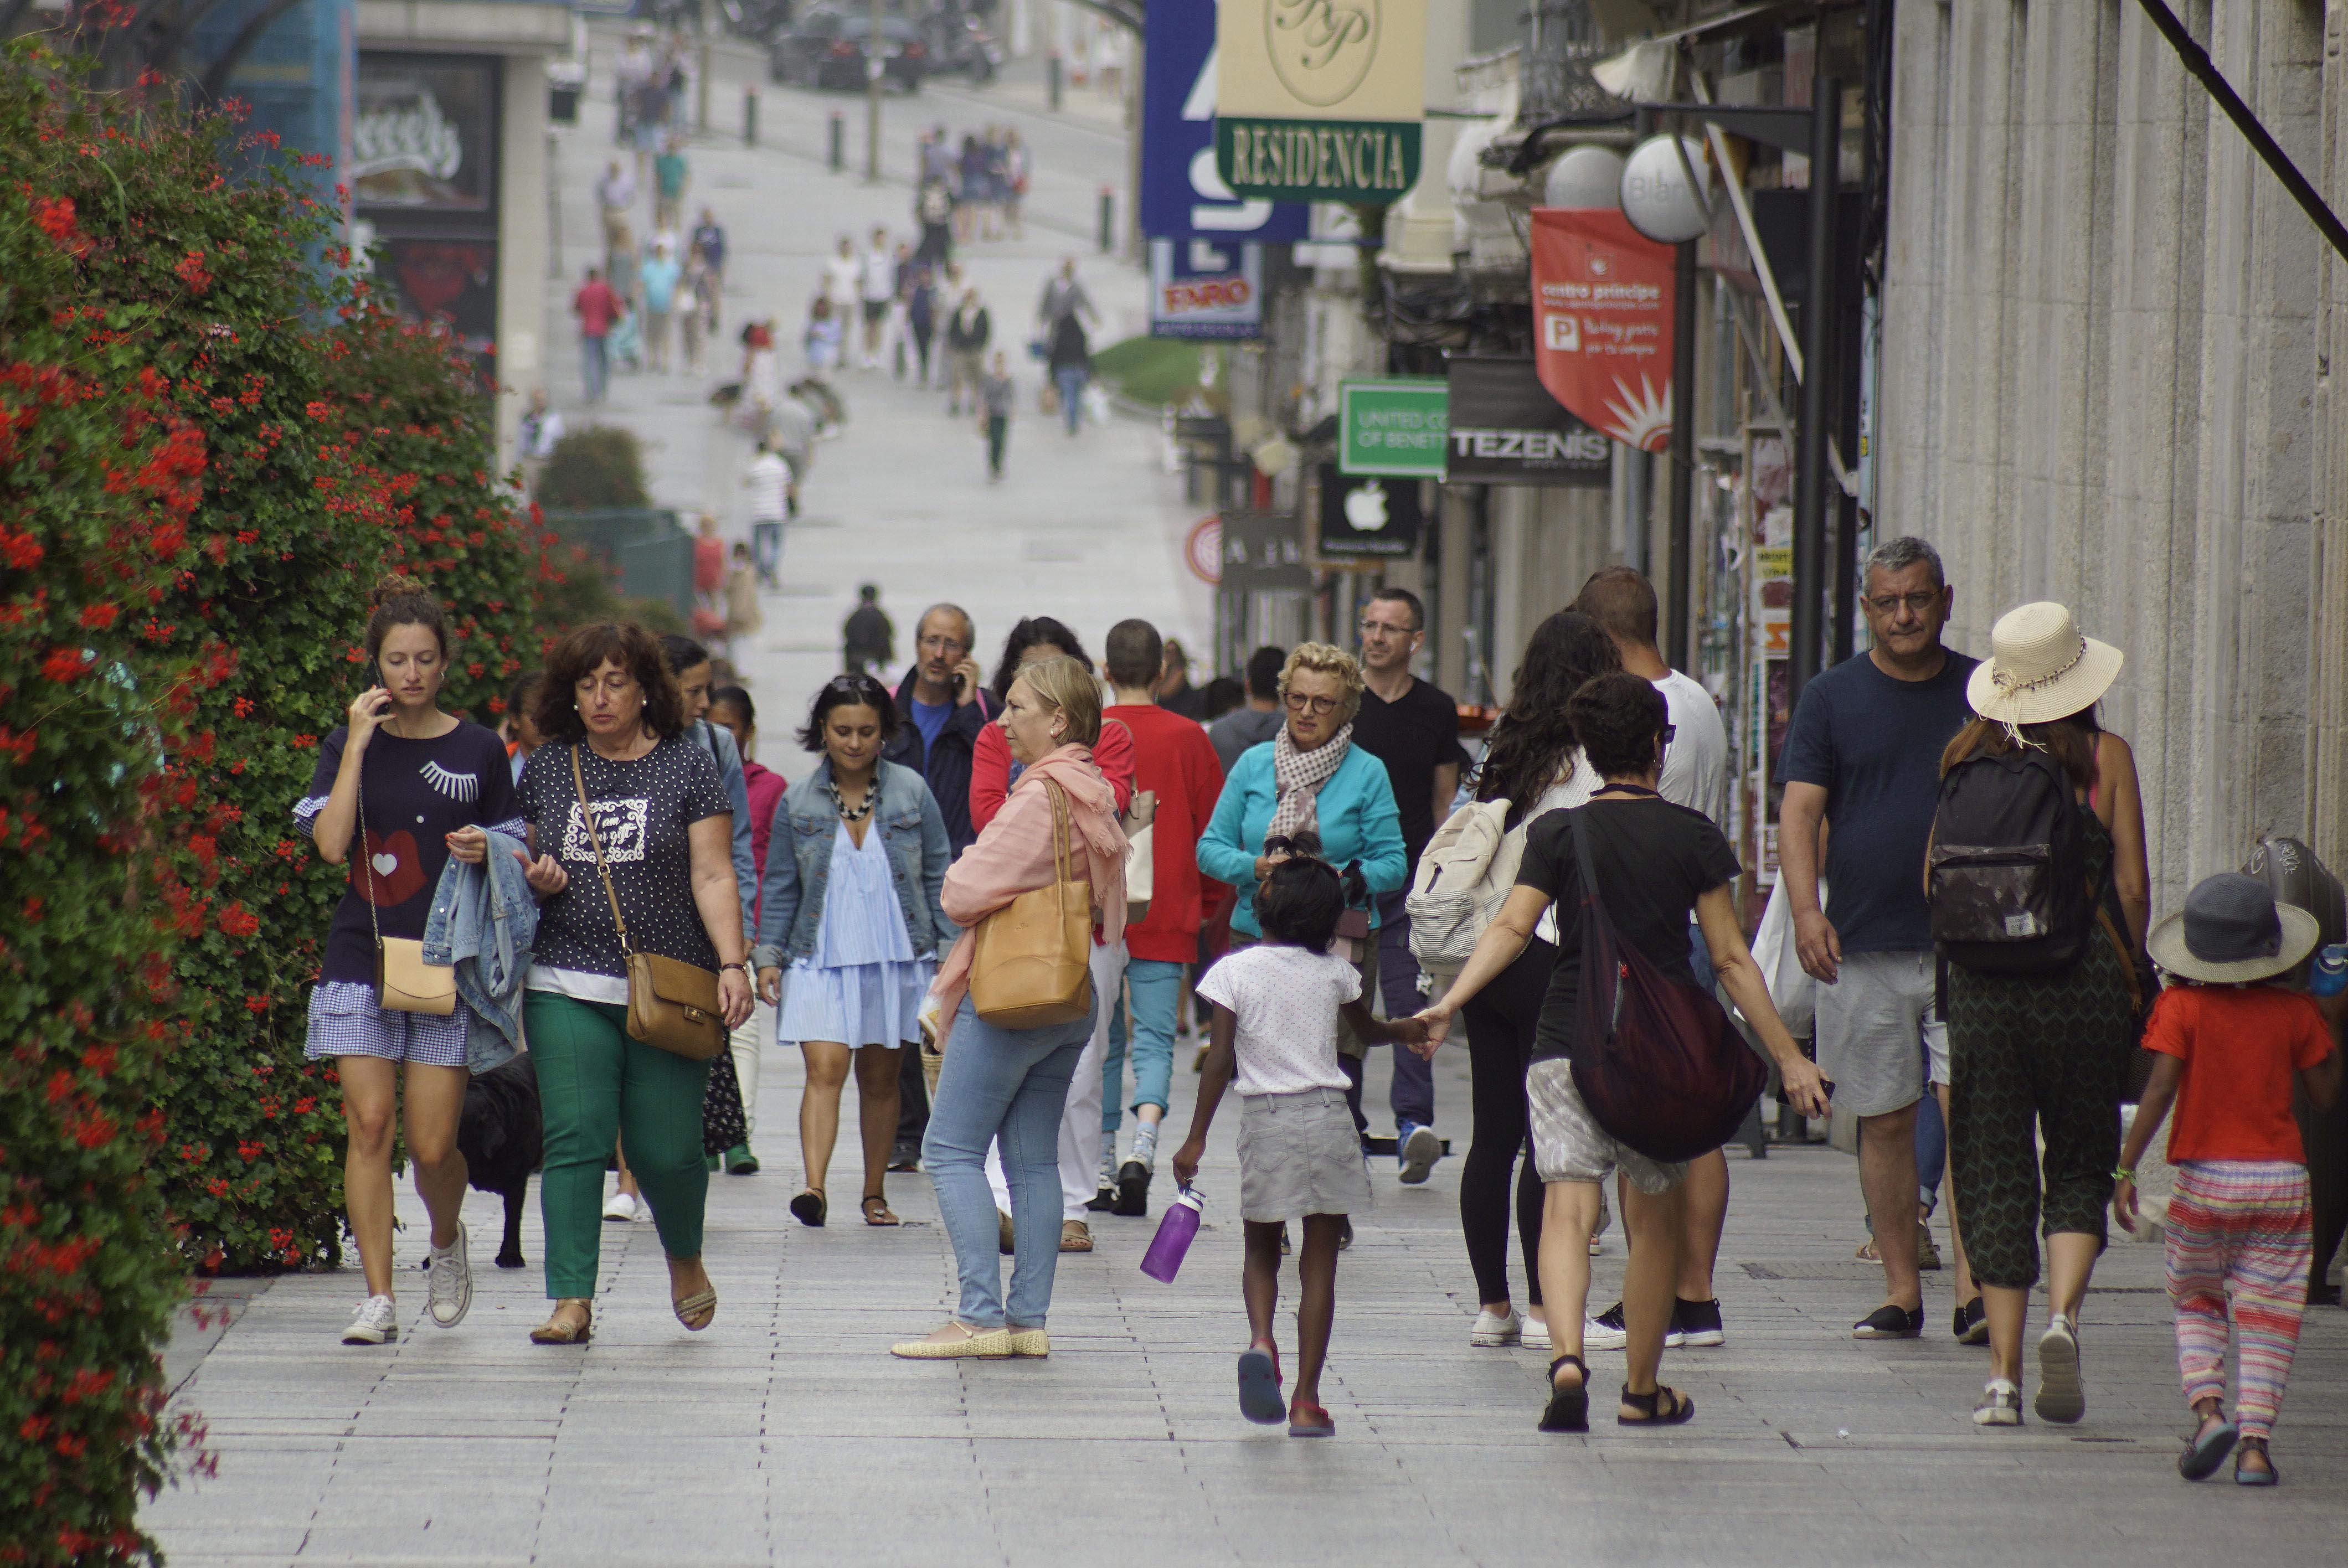 Cerca del 3,5% de la población gallega es extranjera, en Vigo hay más de 15.000 emigrantes.